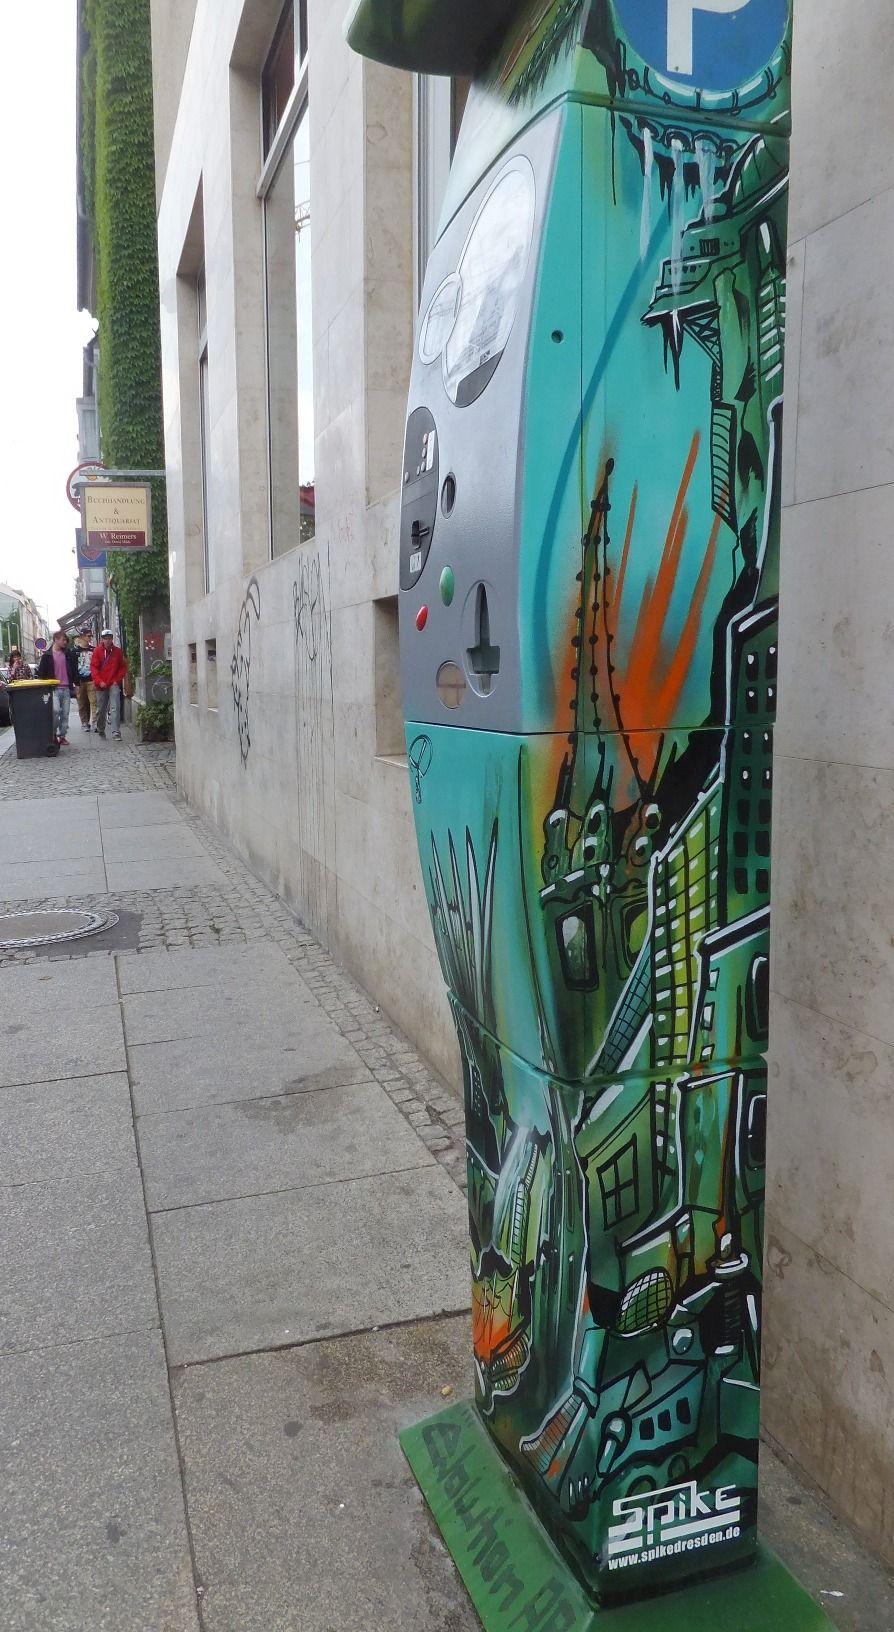 Gestalteter Parkscheinautomat auf der Alaunstraße - gegenüber von Katys